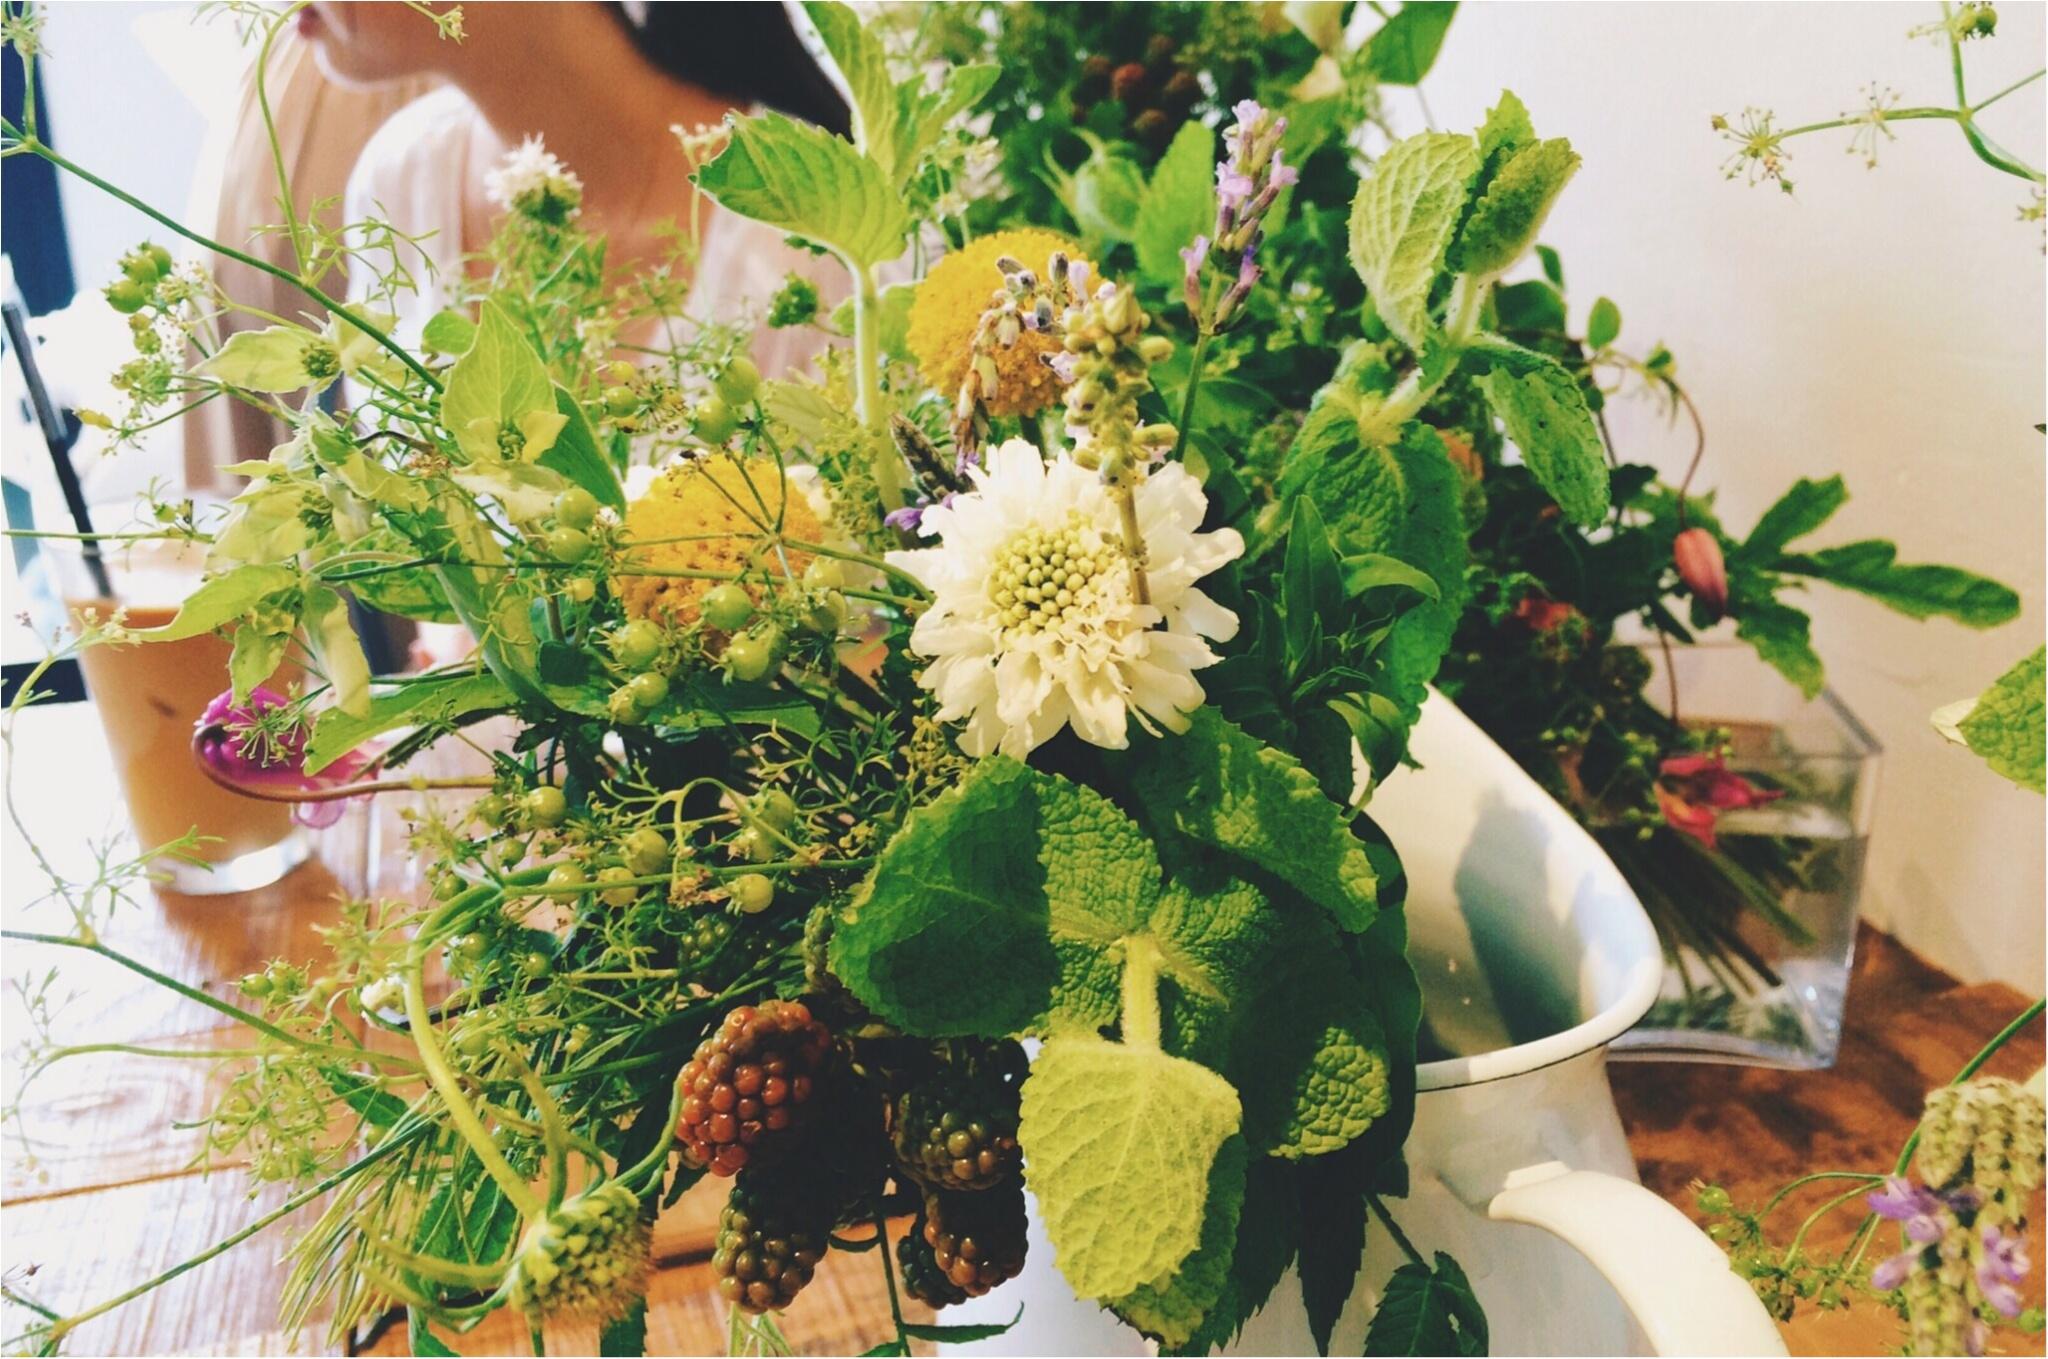 【*お花と珈琲時間な休日*】~食卓花のワークショップ~_9